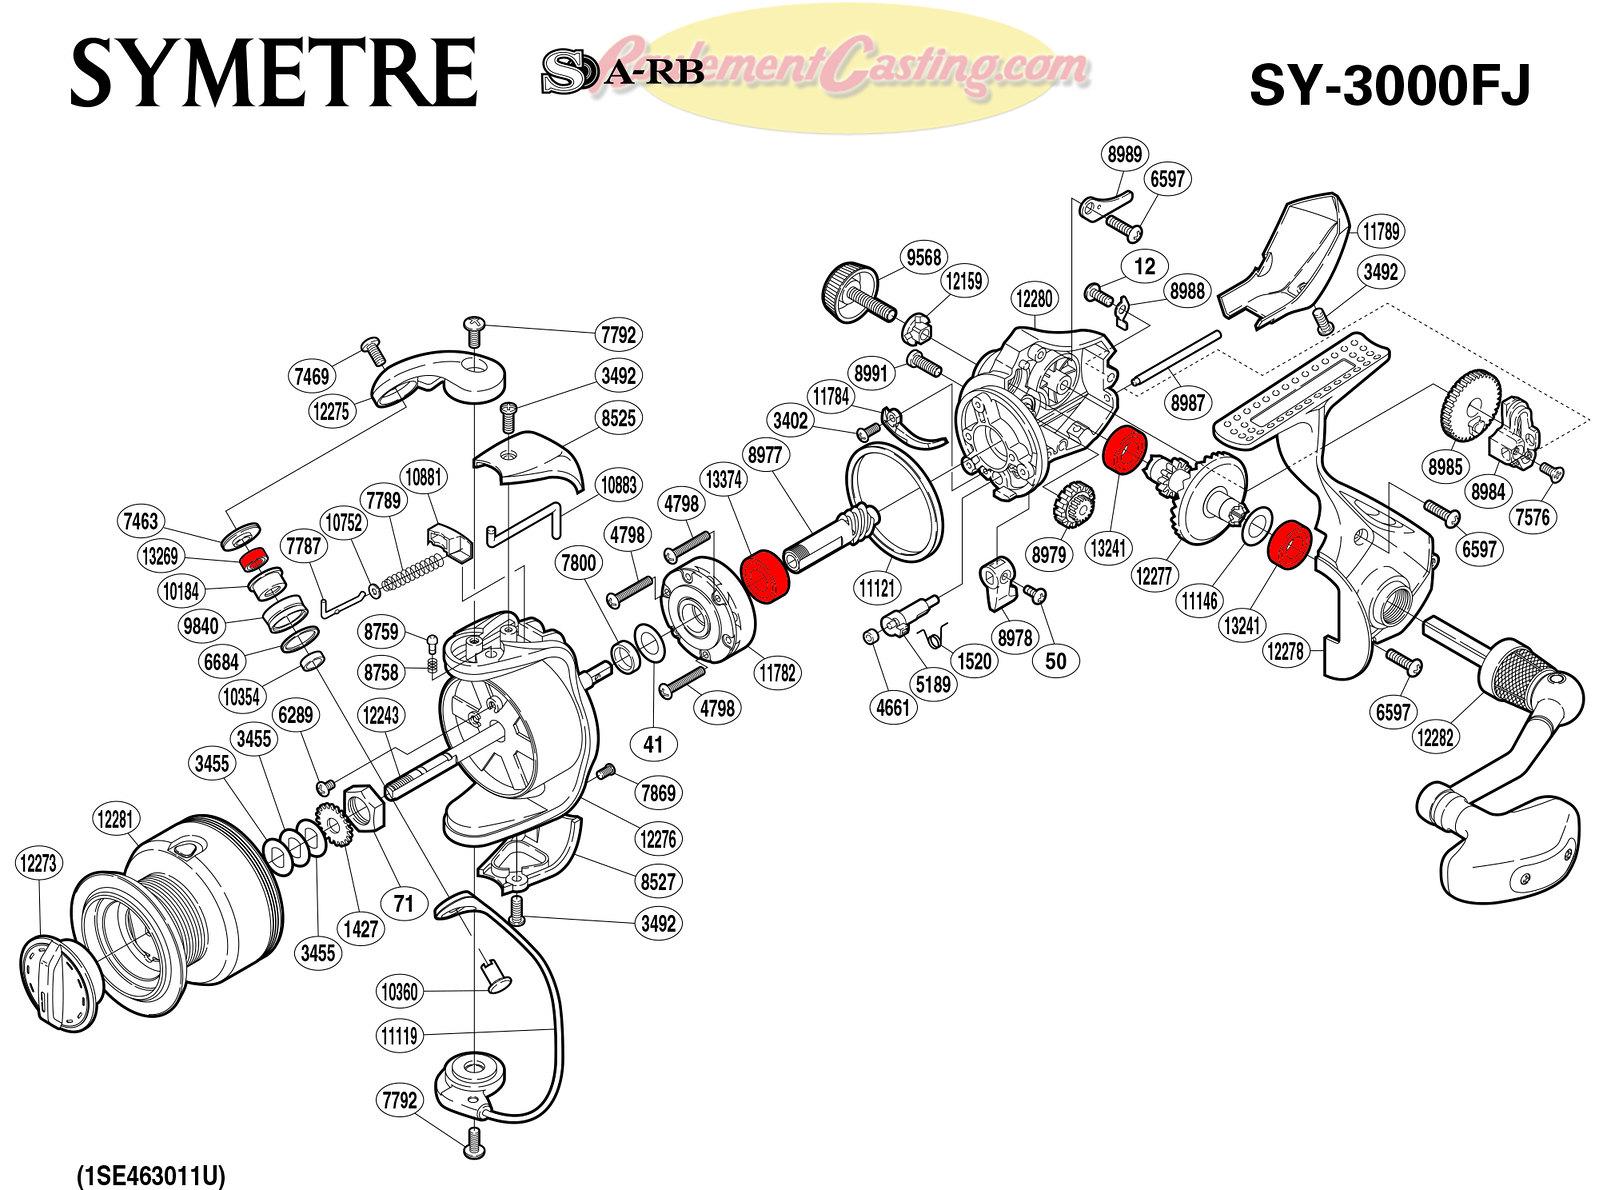 Schema-Symetre-3000FJ